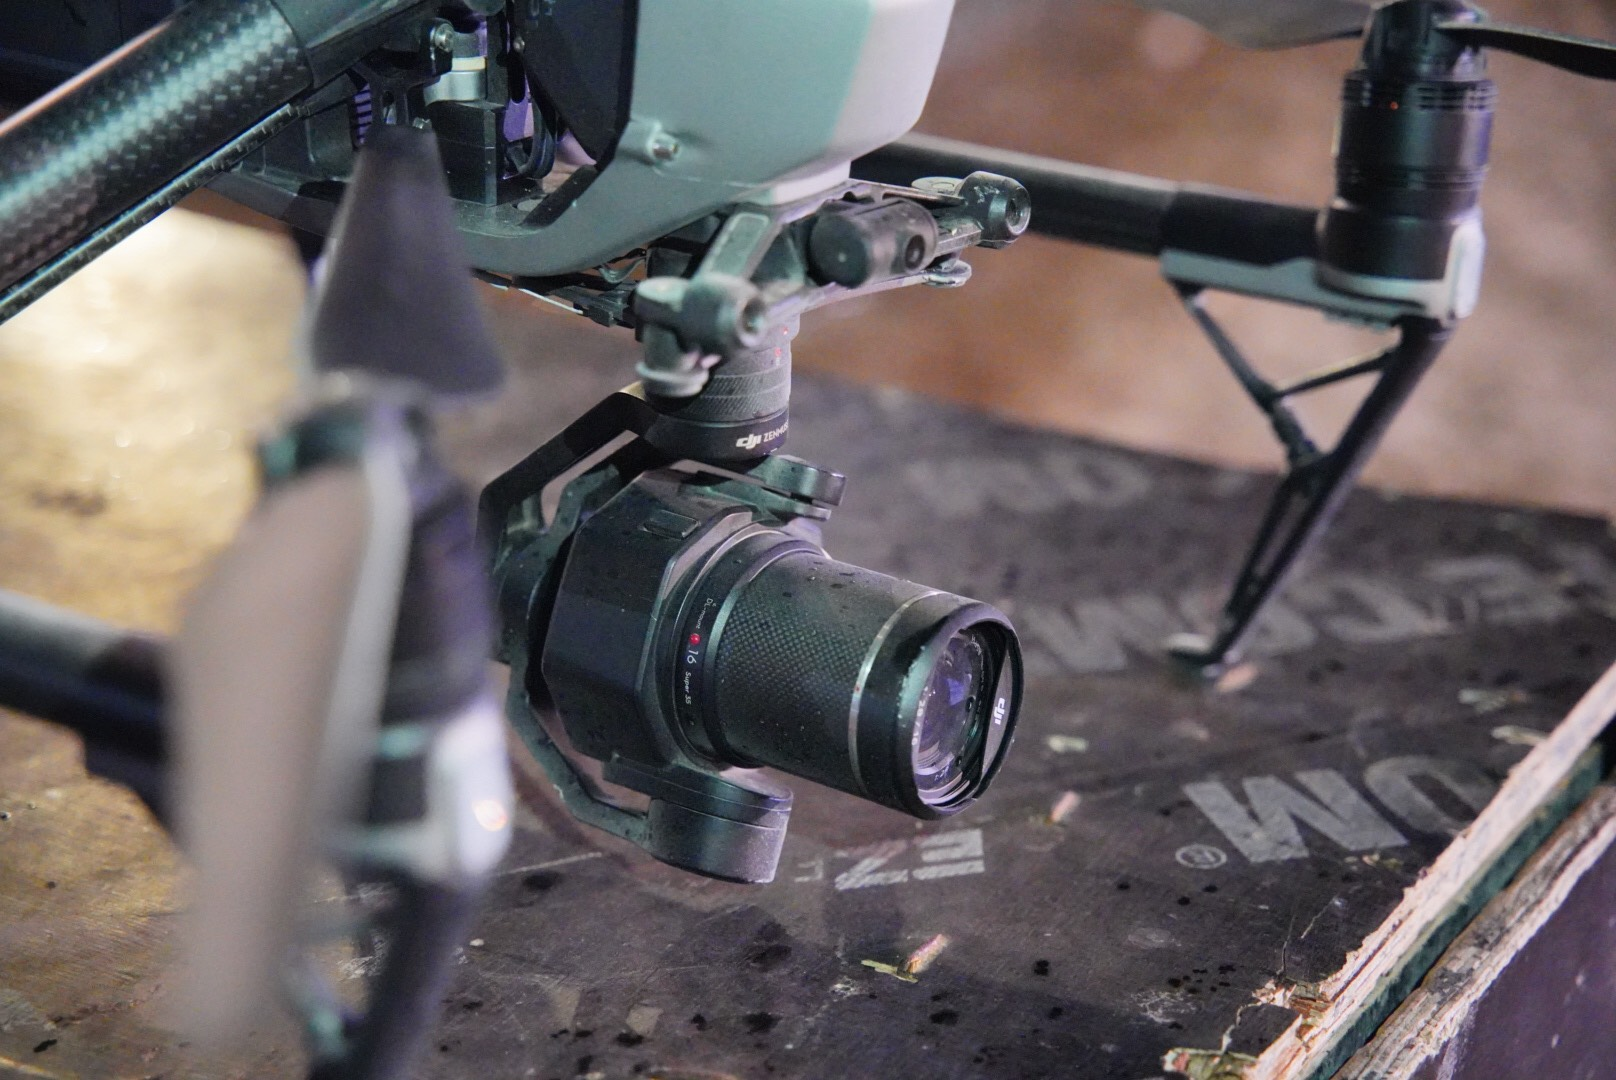 Flycam inspire 2 quay RAW 6K tại TP. Hồ Chí Minh